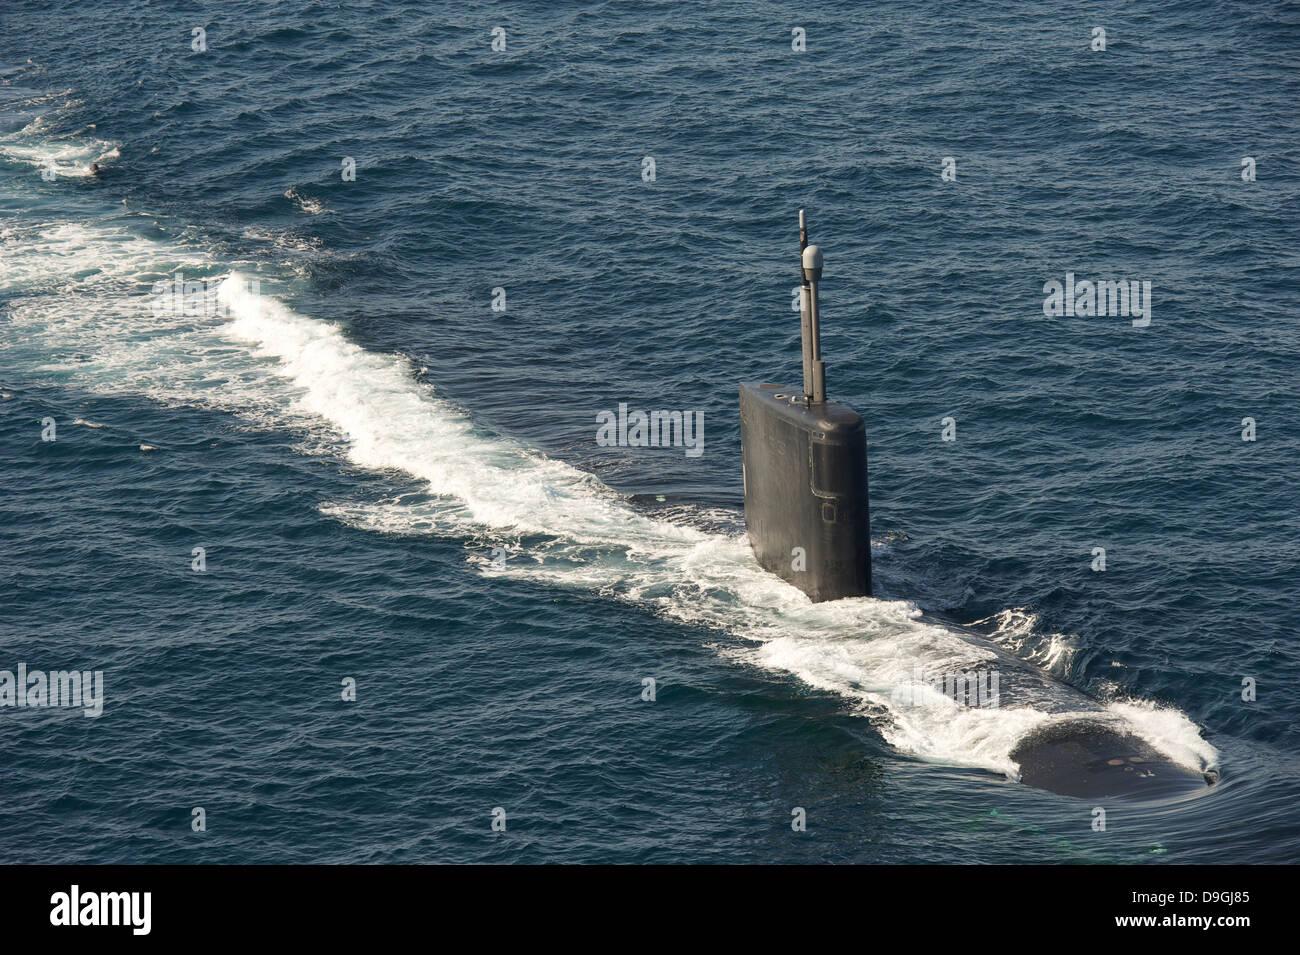 Los Angeles-clase de submarinos de ataque USS Hampton. Imagen De Stock